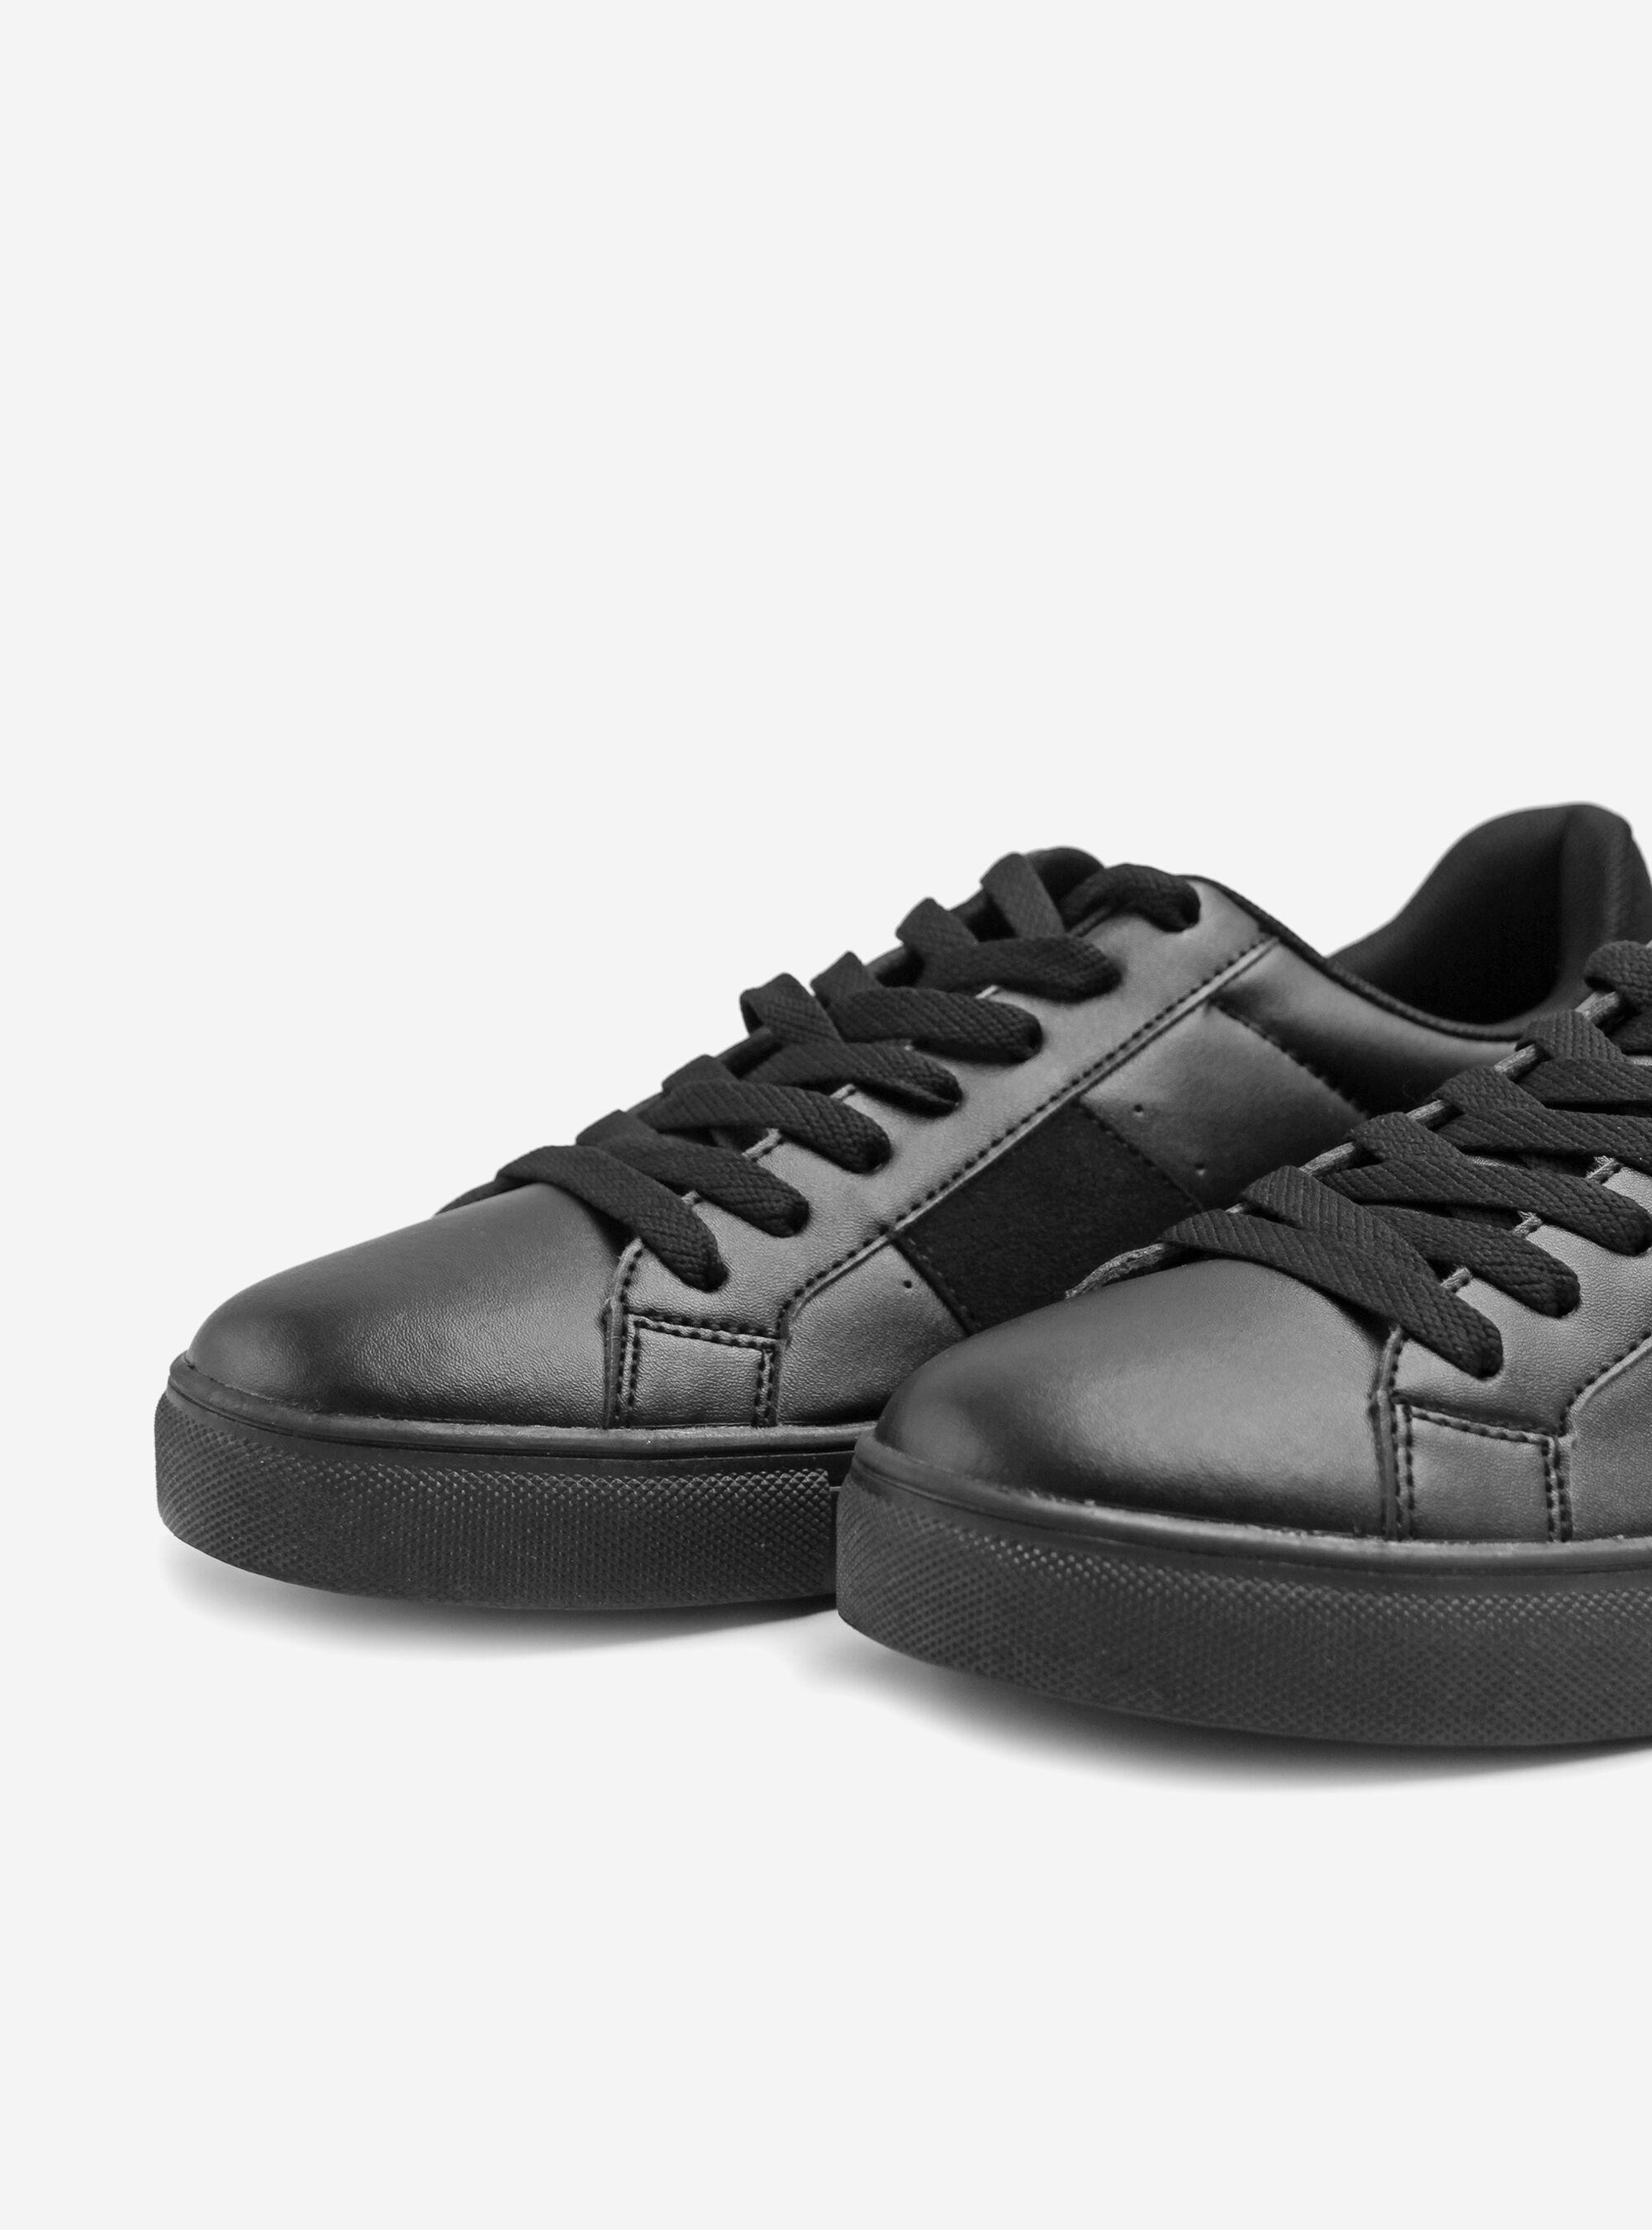 E Scarpe UomoBasse SneakersAlcott Scarpe SneakersAlcott UomoBasse UomoBasse SneakersAlcott Scarpe Scarpe E E tQsrhCd